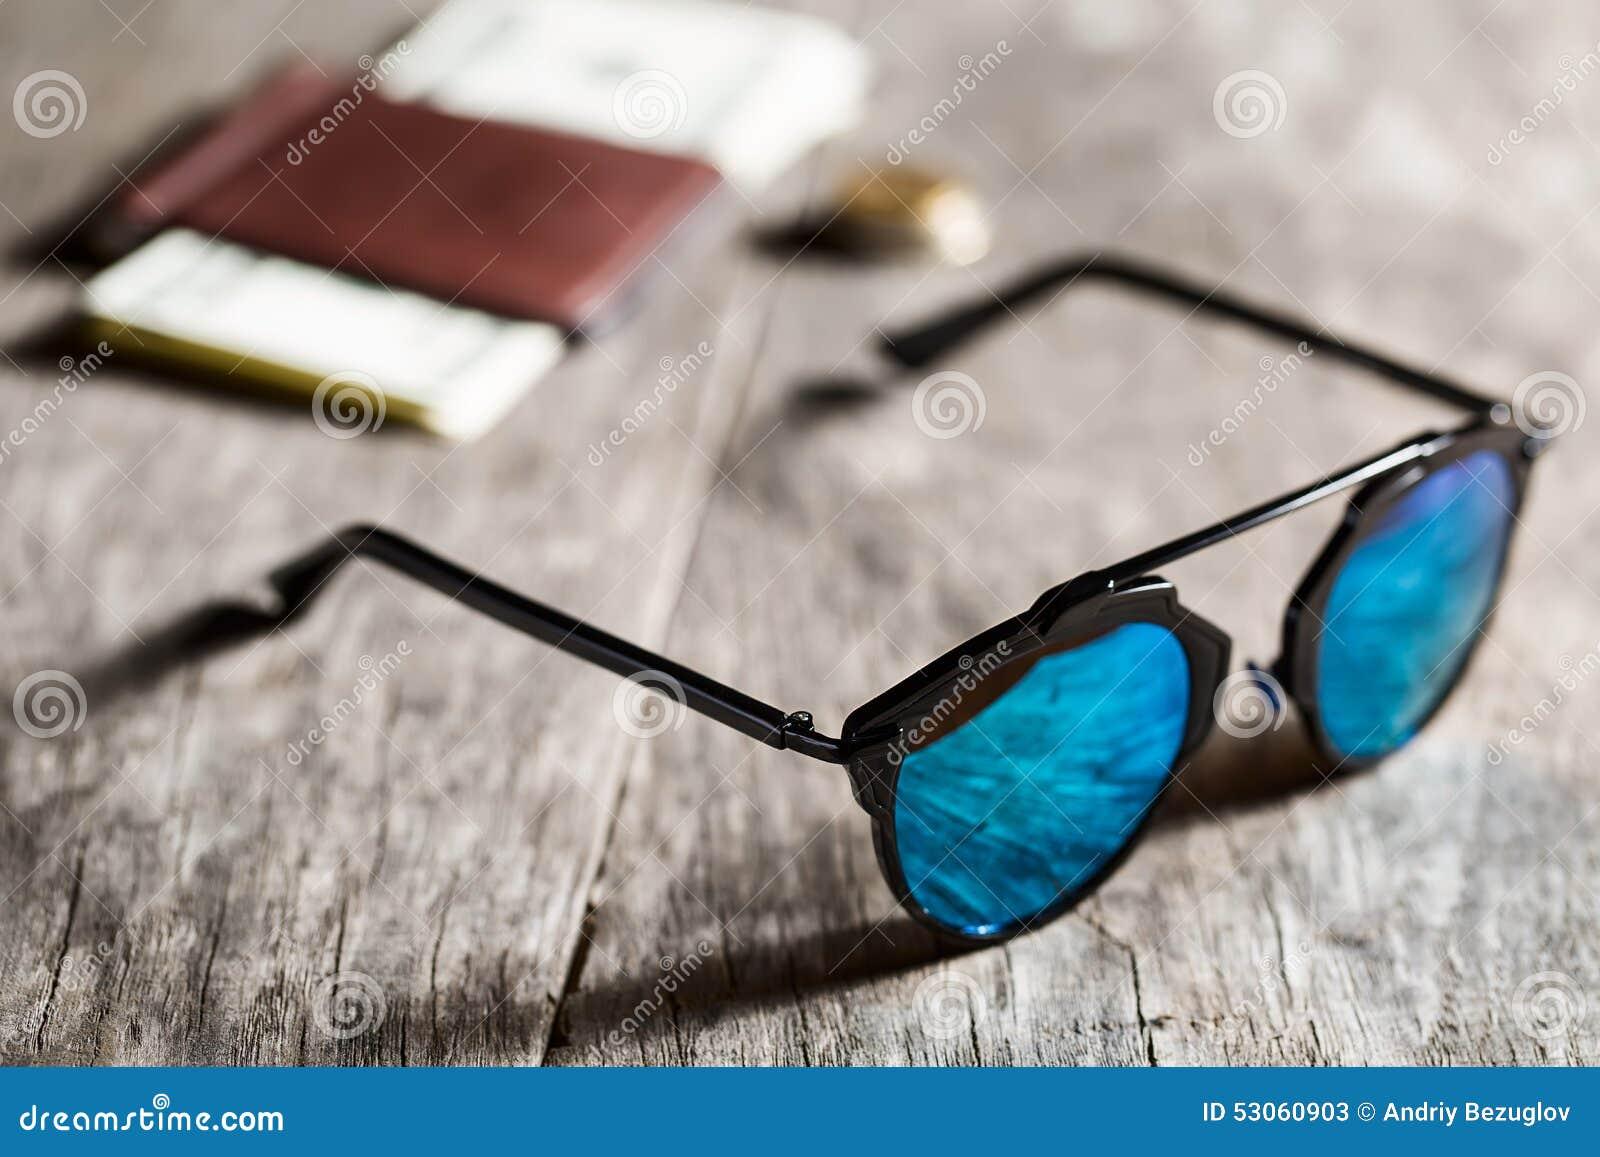 Les lunettes de soleil élégantes avec le bleu ont teinté le miroir sur le  fond en bois texturisé avec un portefeuille, des pièces de monnaie et des  dollars 9279602a13bc